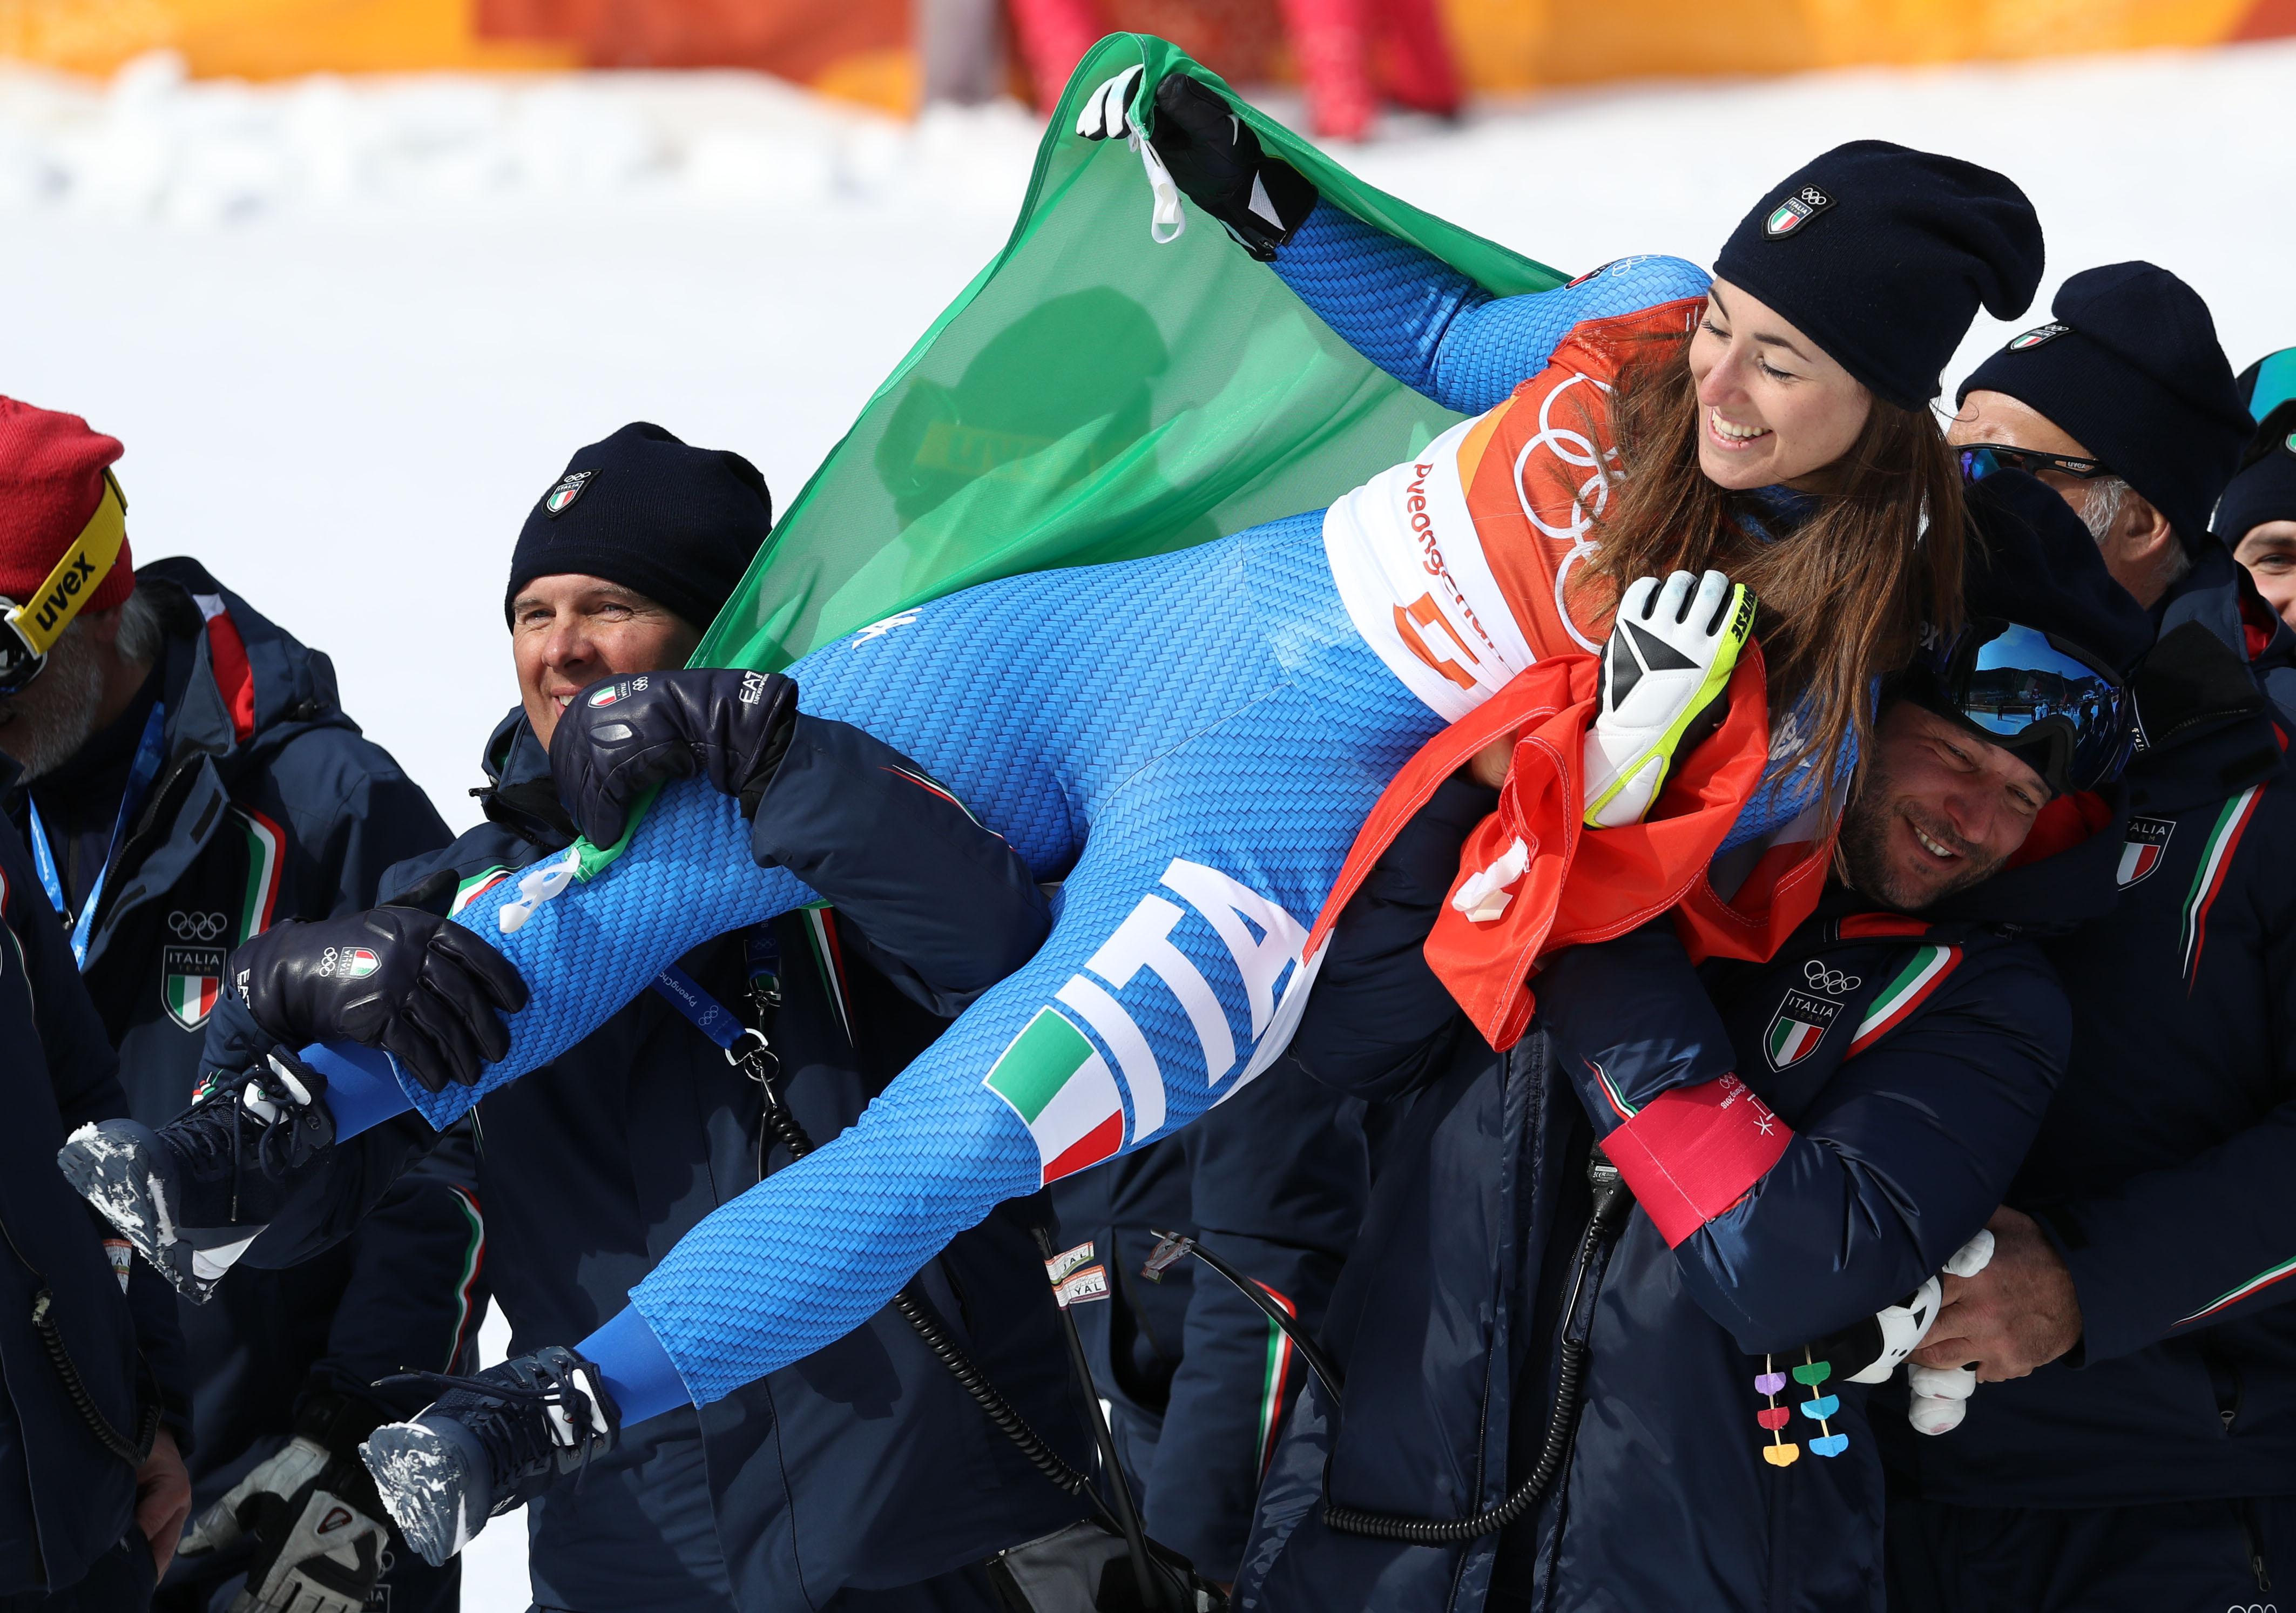 Le foto più belle della sciatrice Sofia Goggia, oro alle Olimpiadi / Image 22